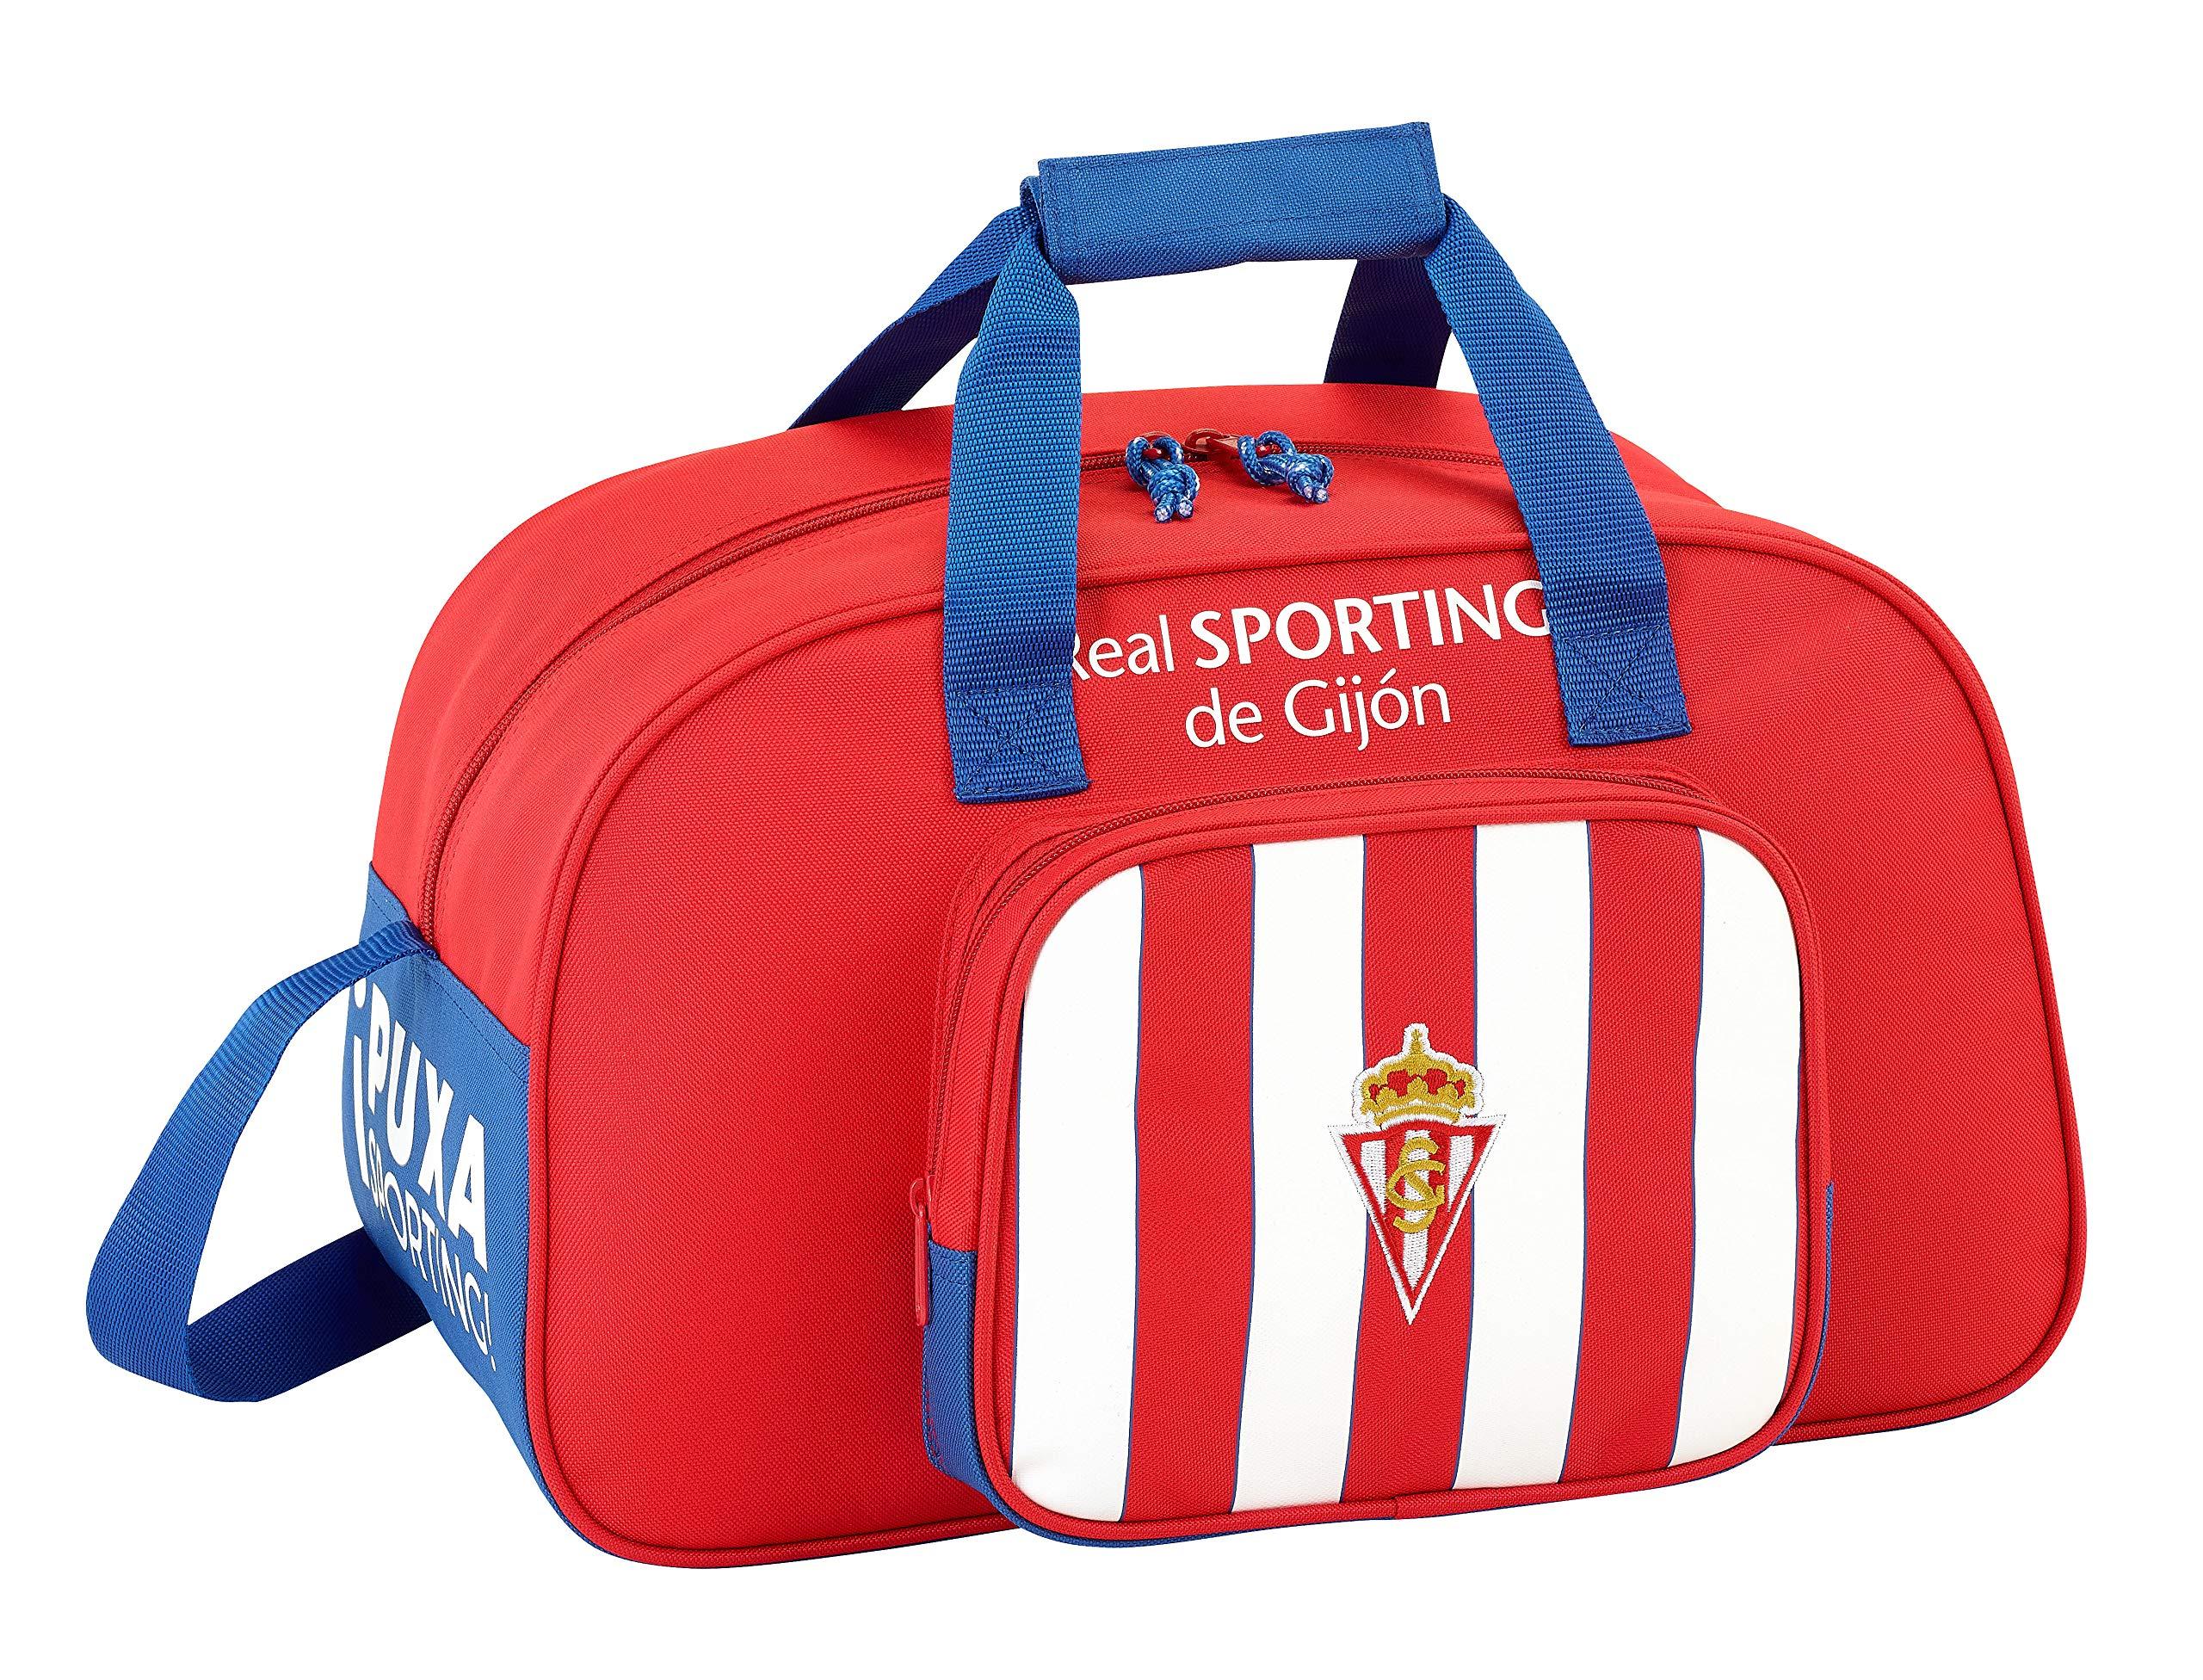 スポルティング・デ・ヒホン公式スポーツバッグ